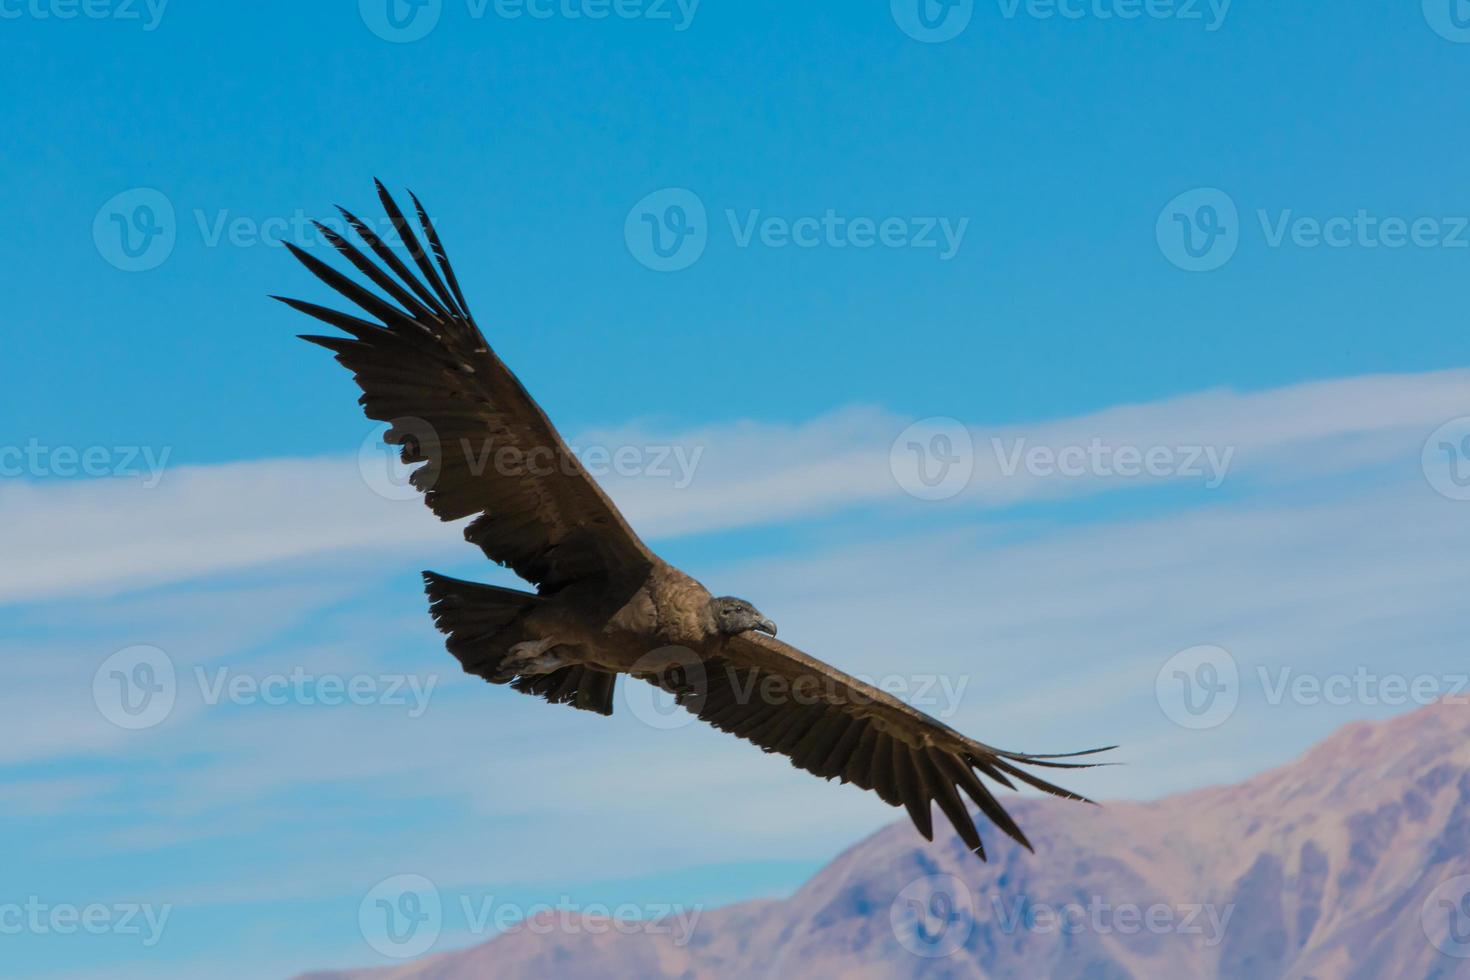 voando condor sobre colca canyon, peru, américa do sul. foto